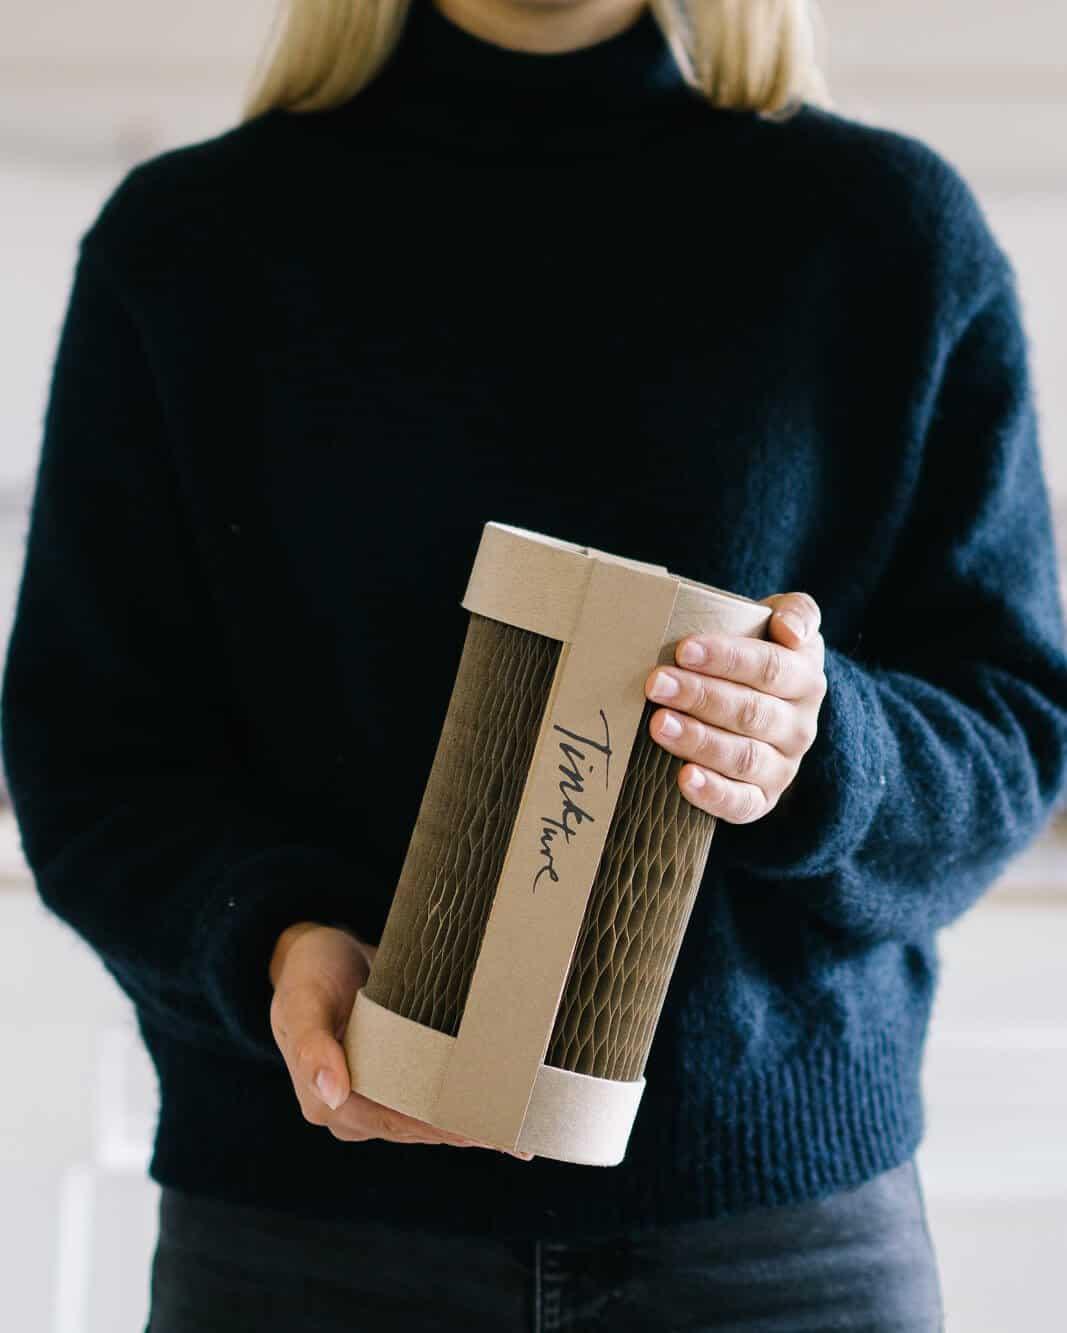 The Drum drinks packaging held in hands